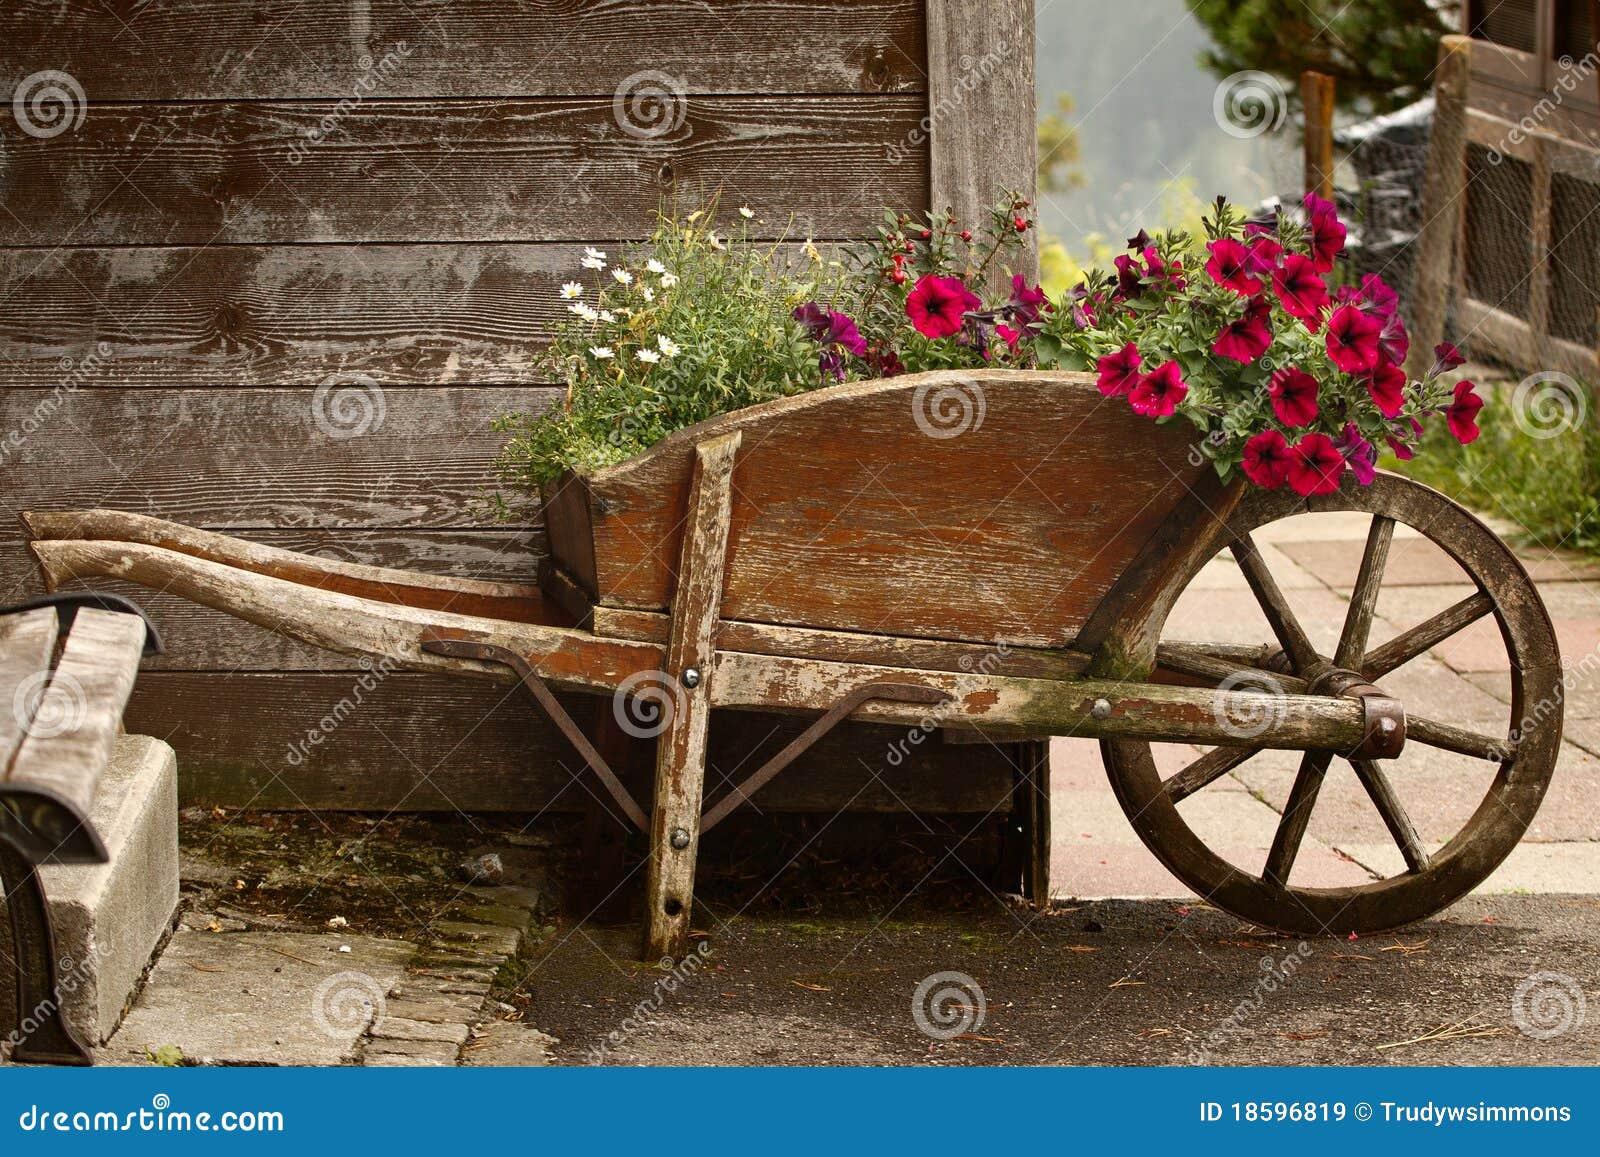 Vecchia carriola di legno con i fiori immagini stock libere da diritti immagine 18596819 - Carriola in legno da giardino ...